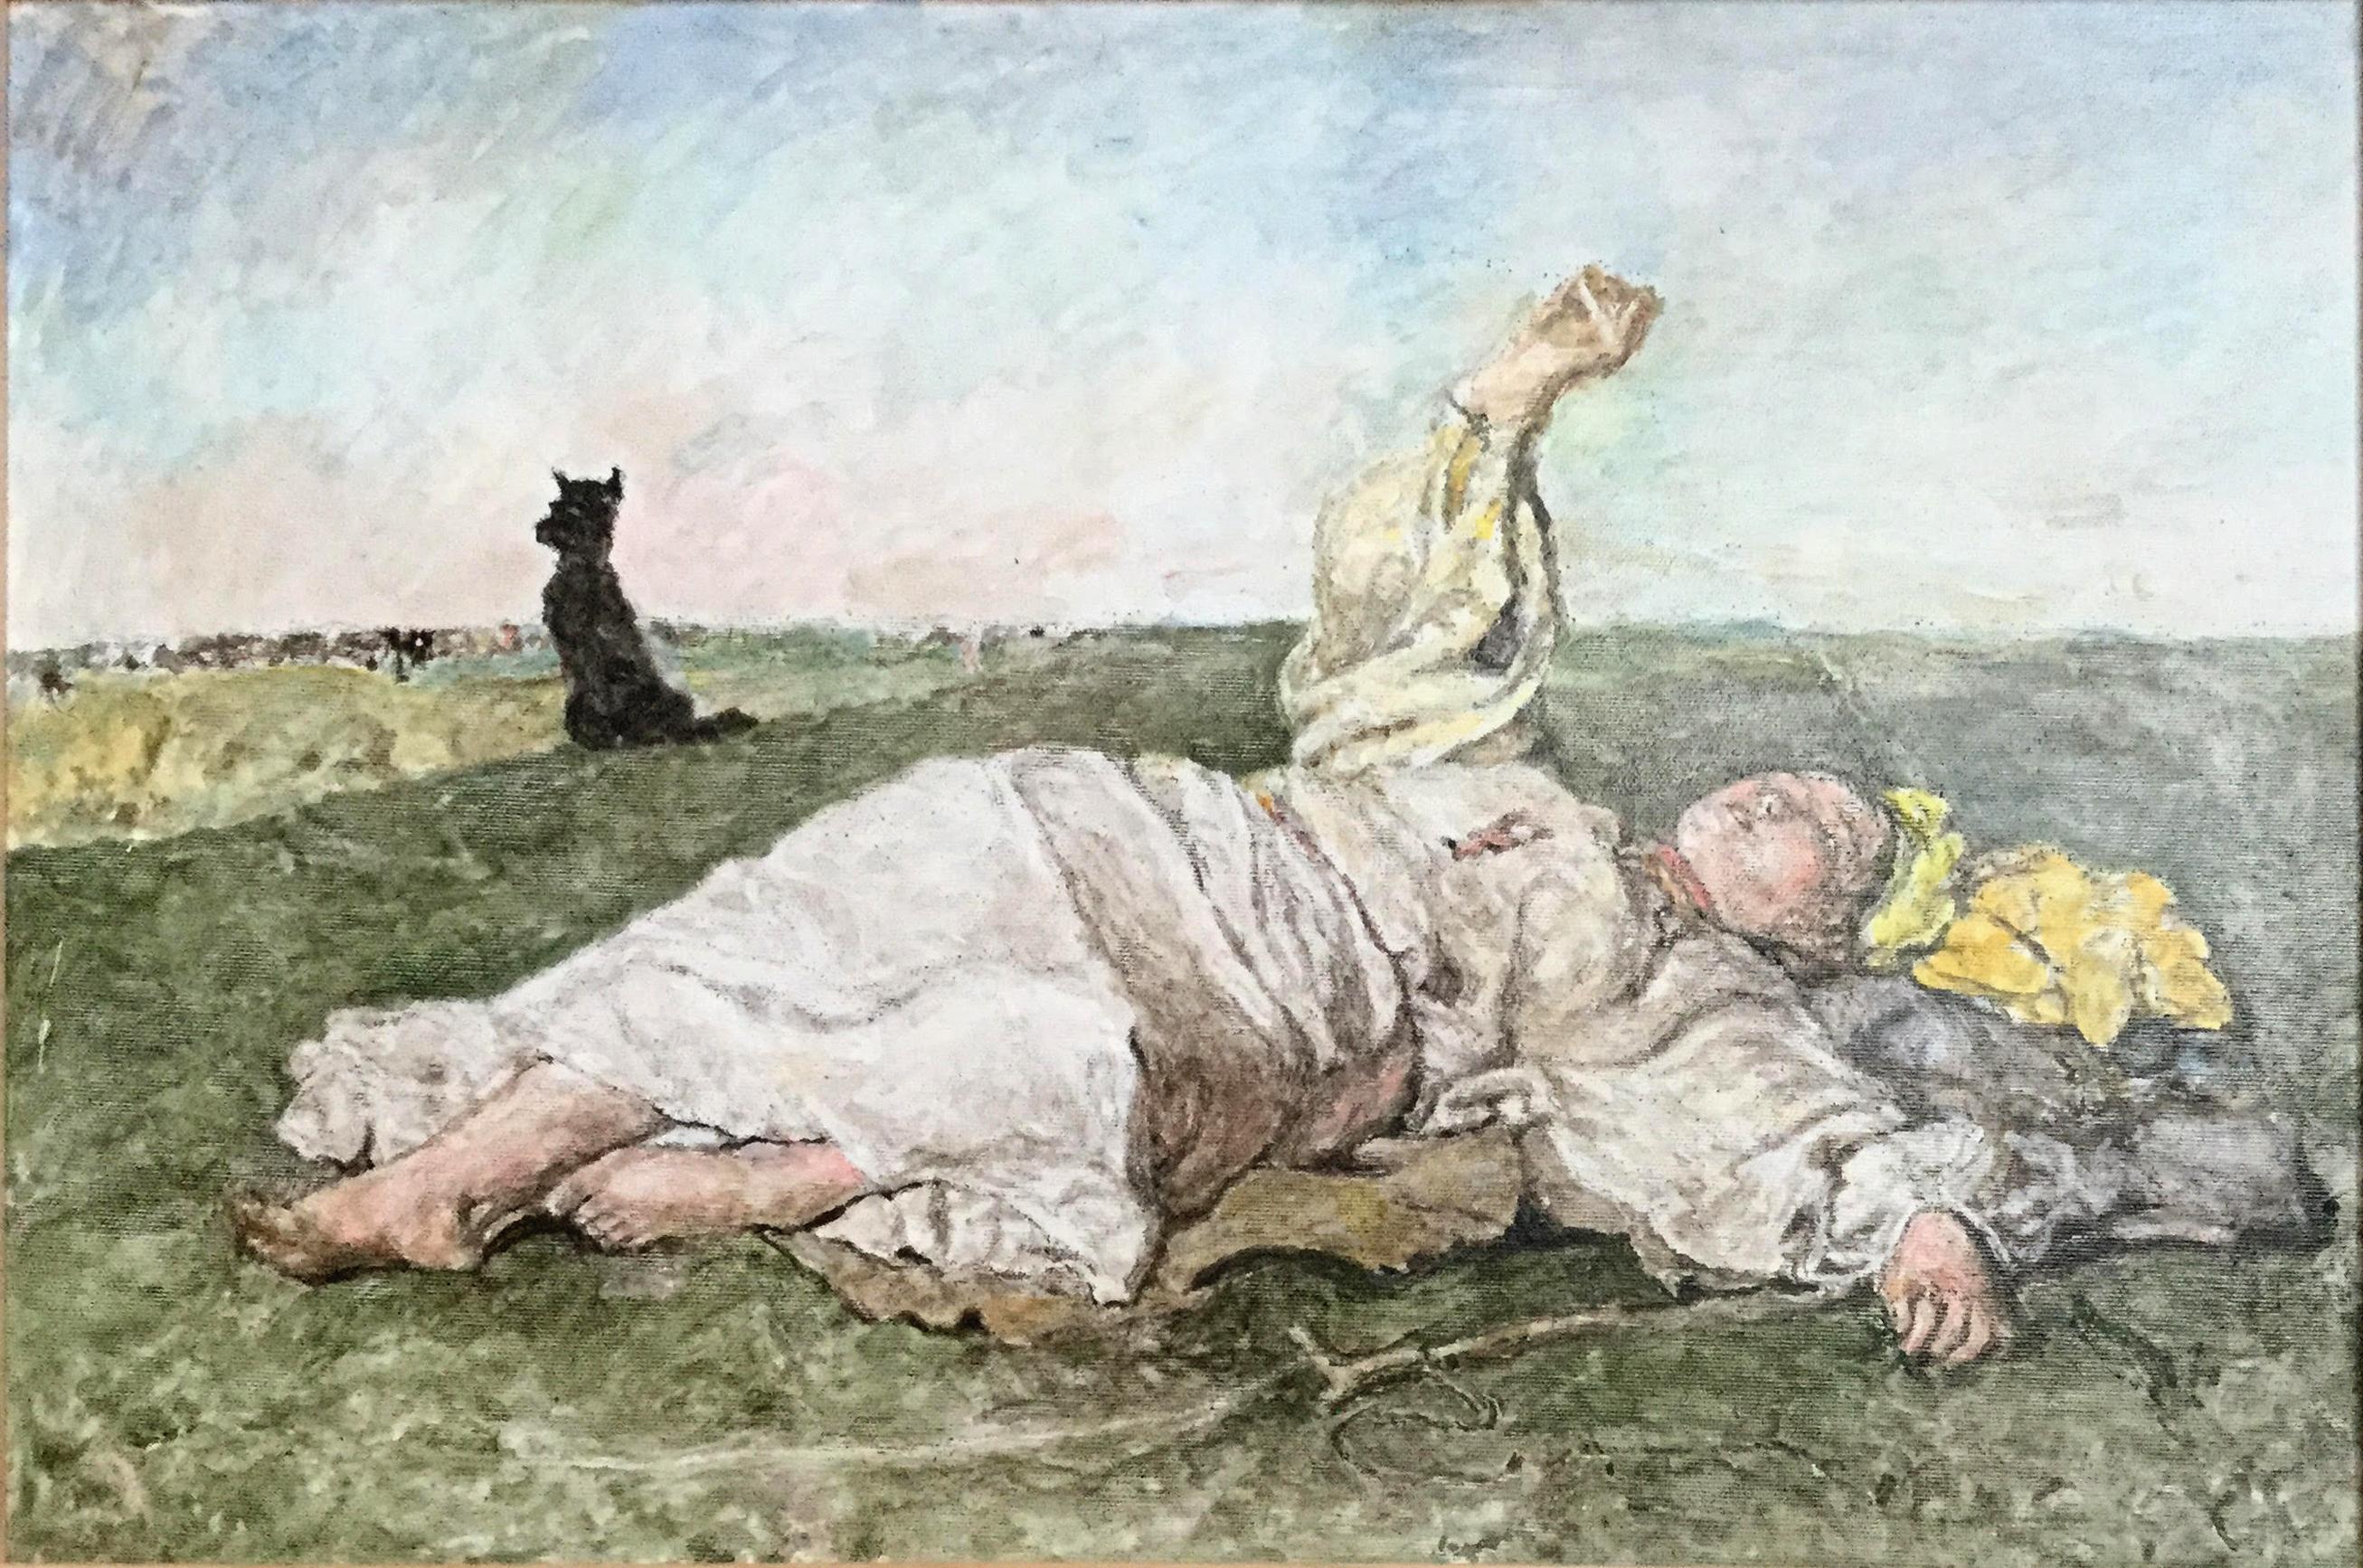 Babie lato - kopia obrazu Chełmińskiego